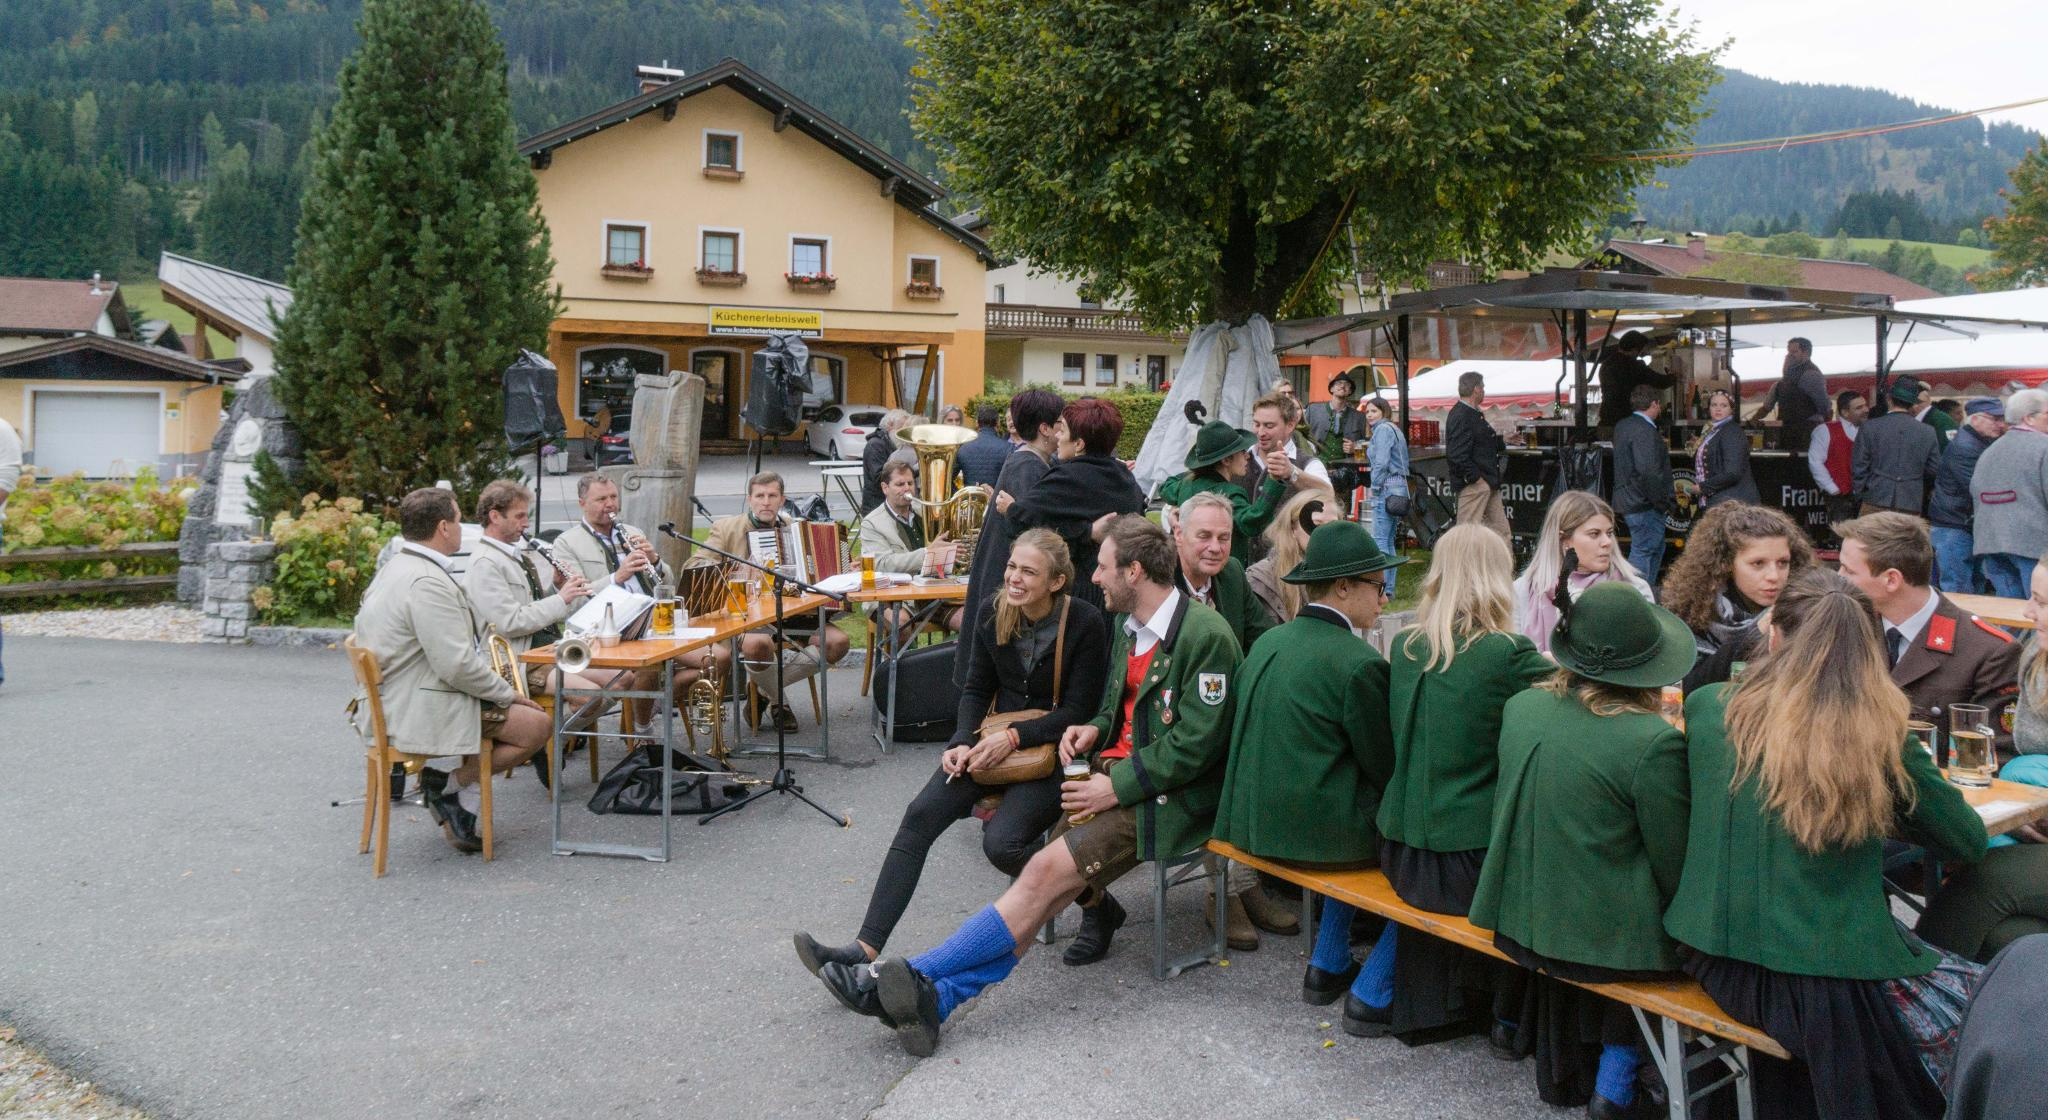 【奧地利】阿爾卑斯迷迷路!遇見美麗的奧地利風情小鎮:滕嫩山麓聖馬丁 15